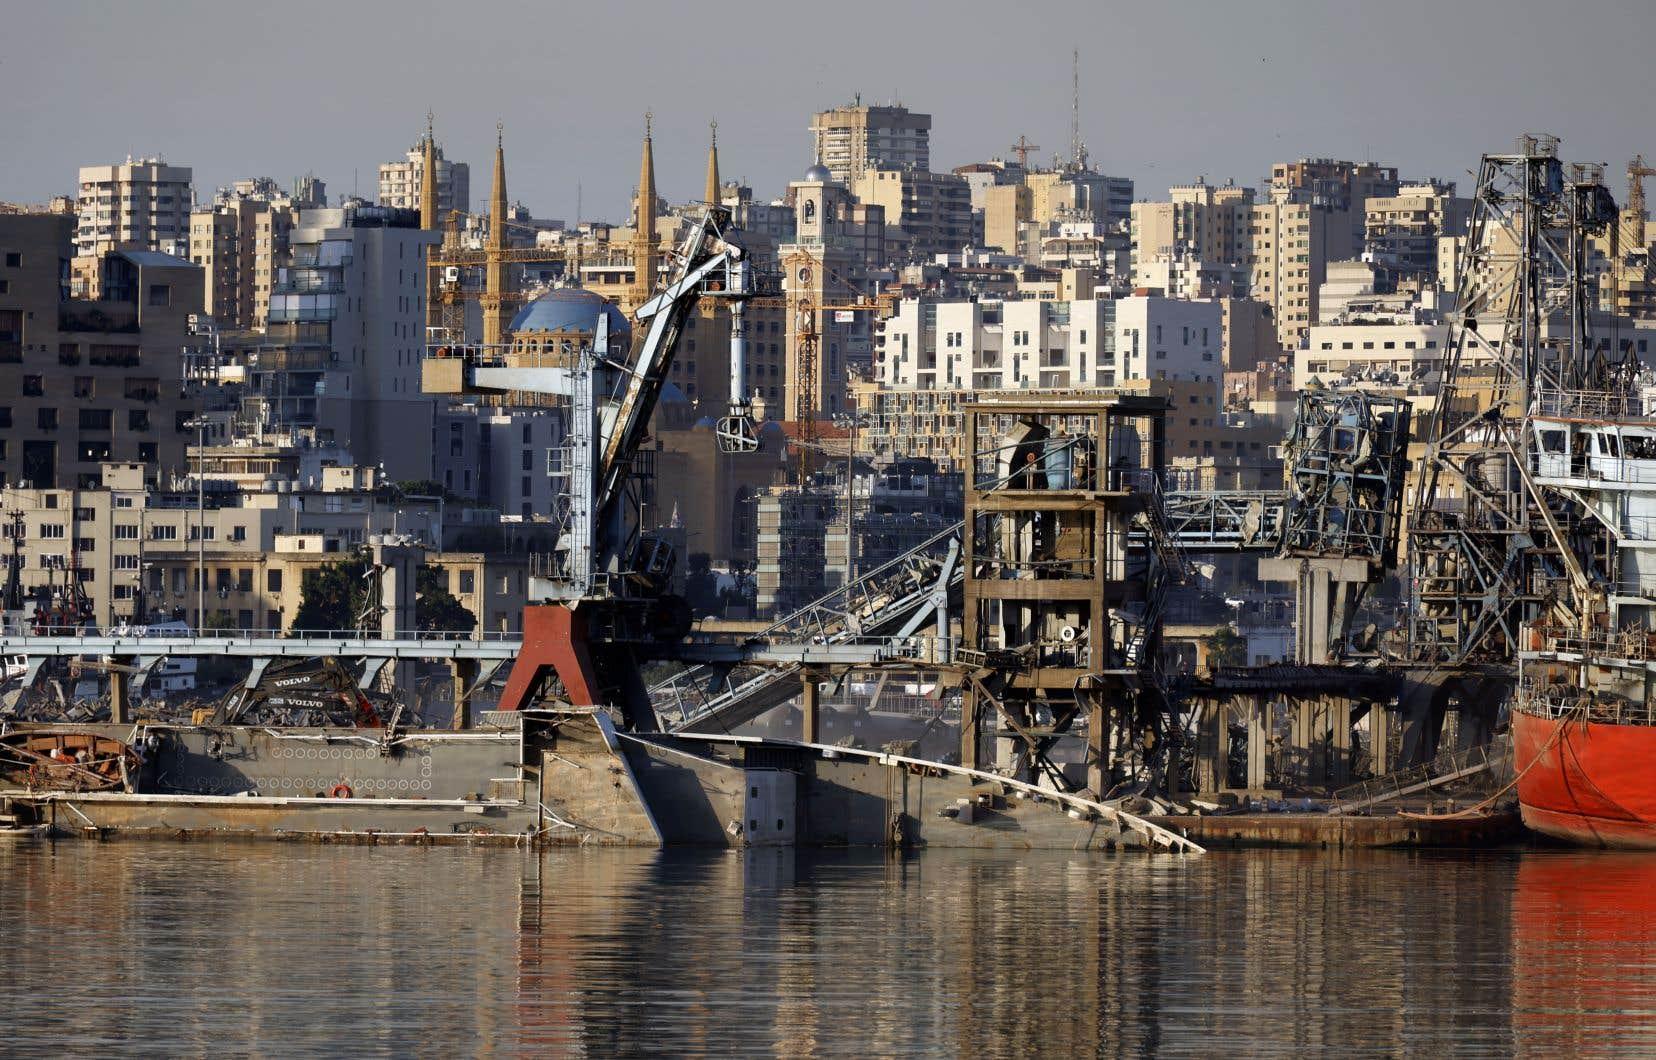 L'explosion du 4août a fait plus de 200 morts et 6500 blessés et détruit le port et des quartiers de la capitale.